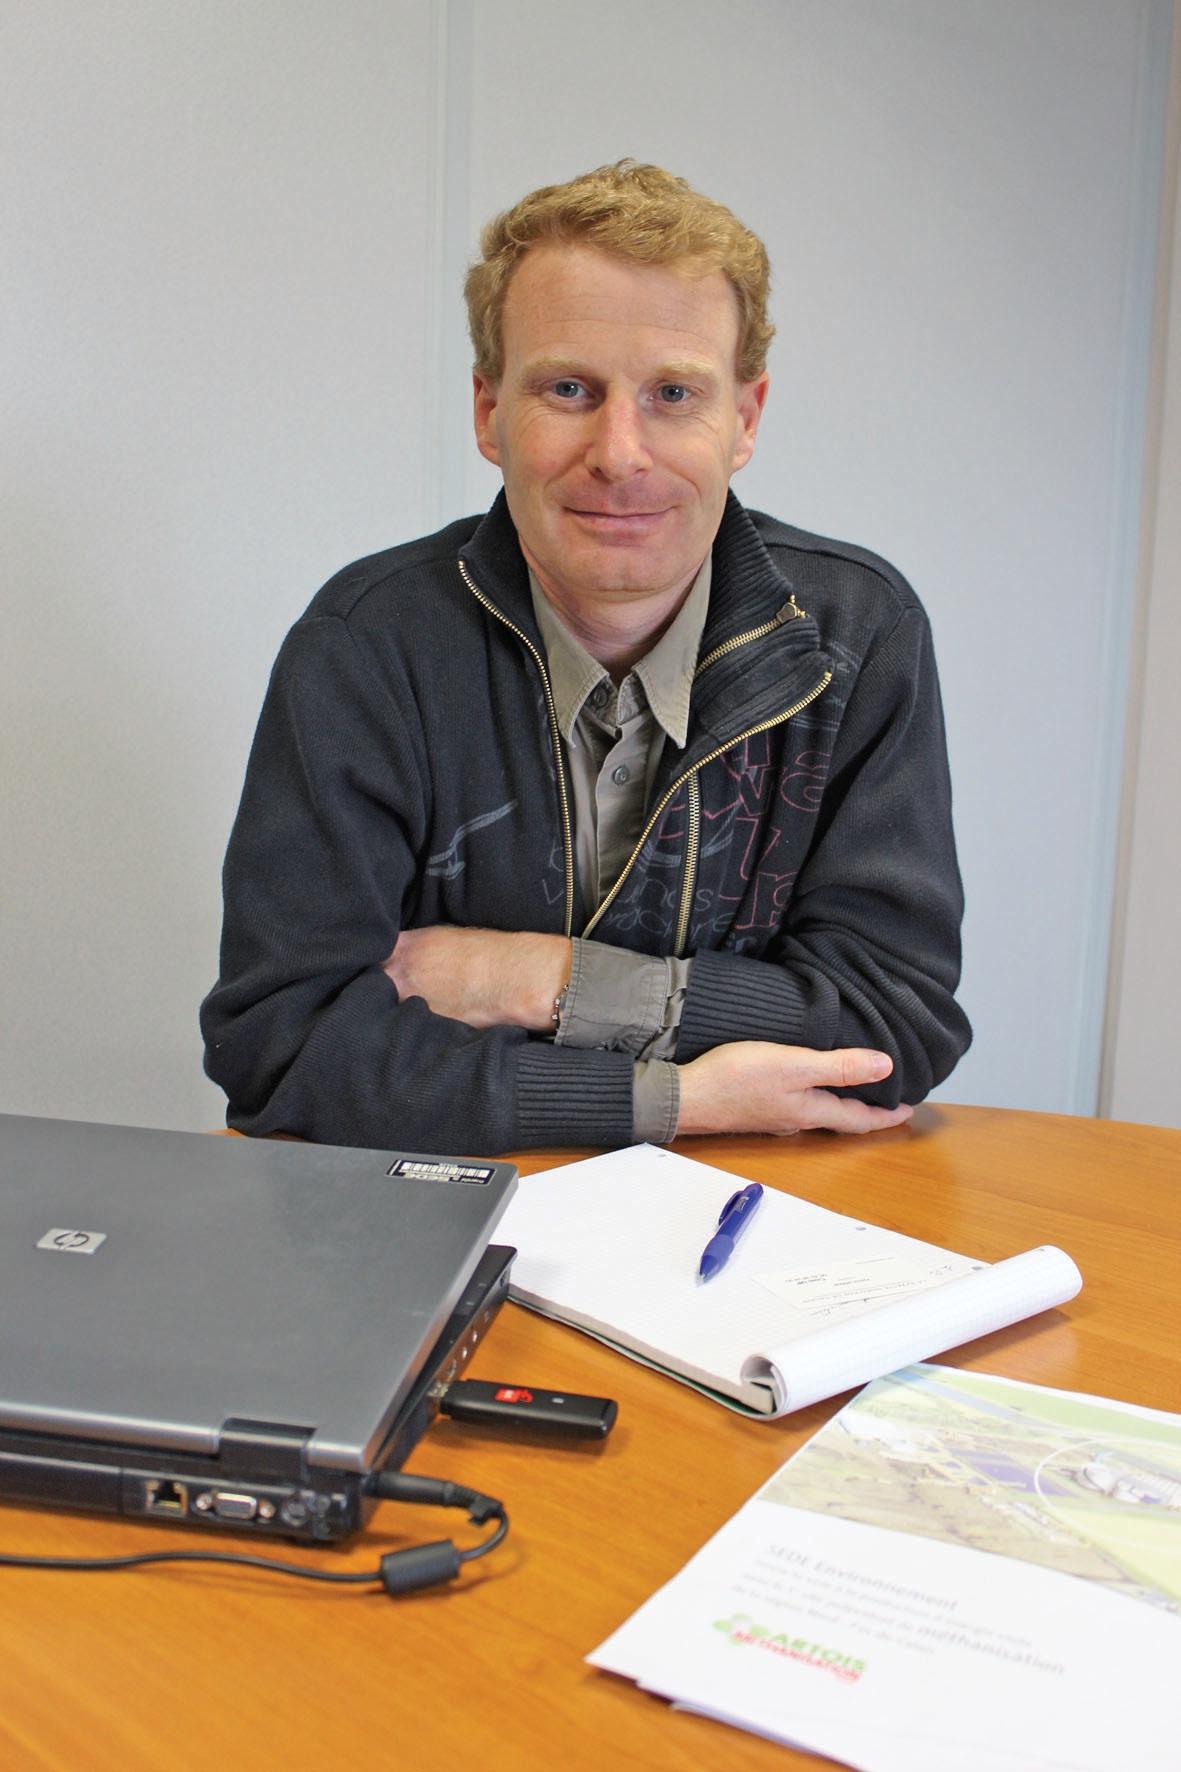 Olivier Wdowiak veille à maîtriser le développement de l'usine et du marché.